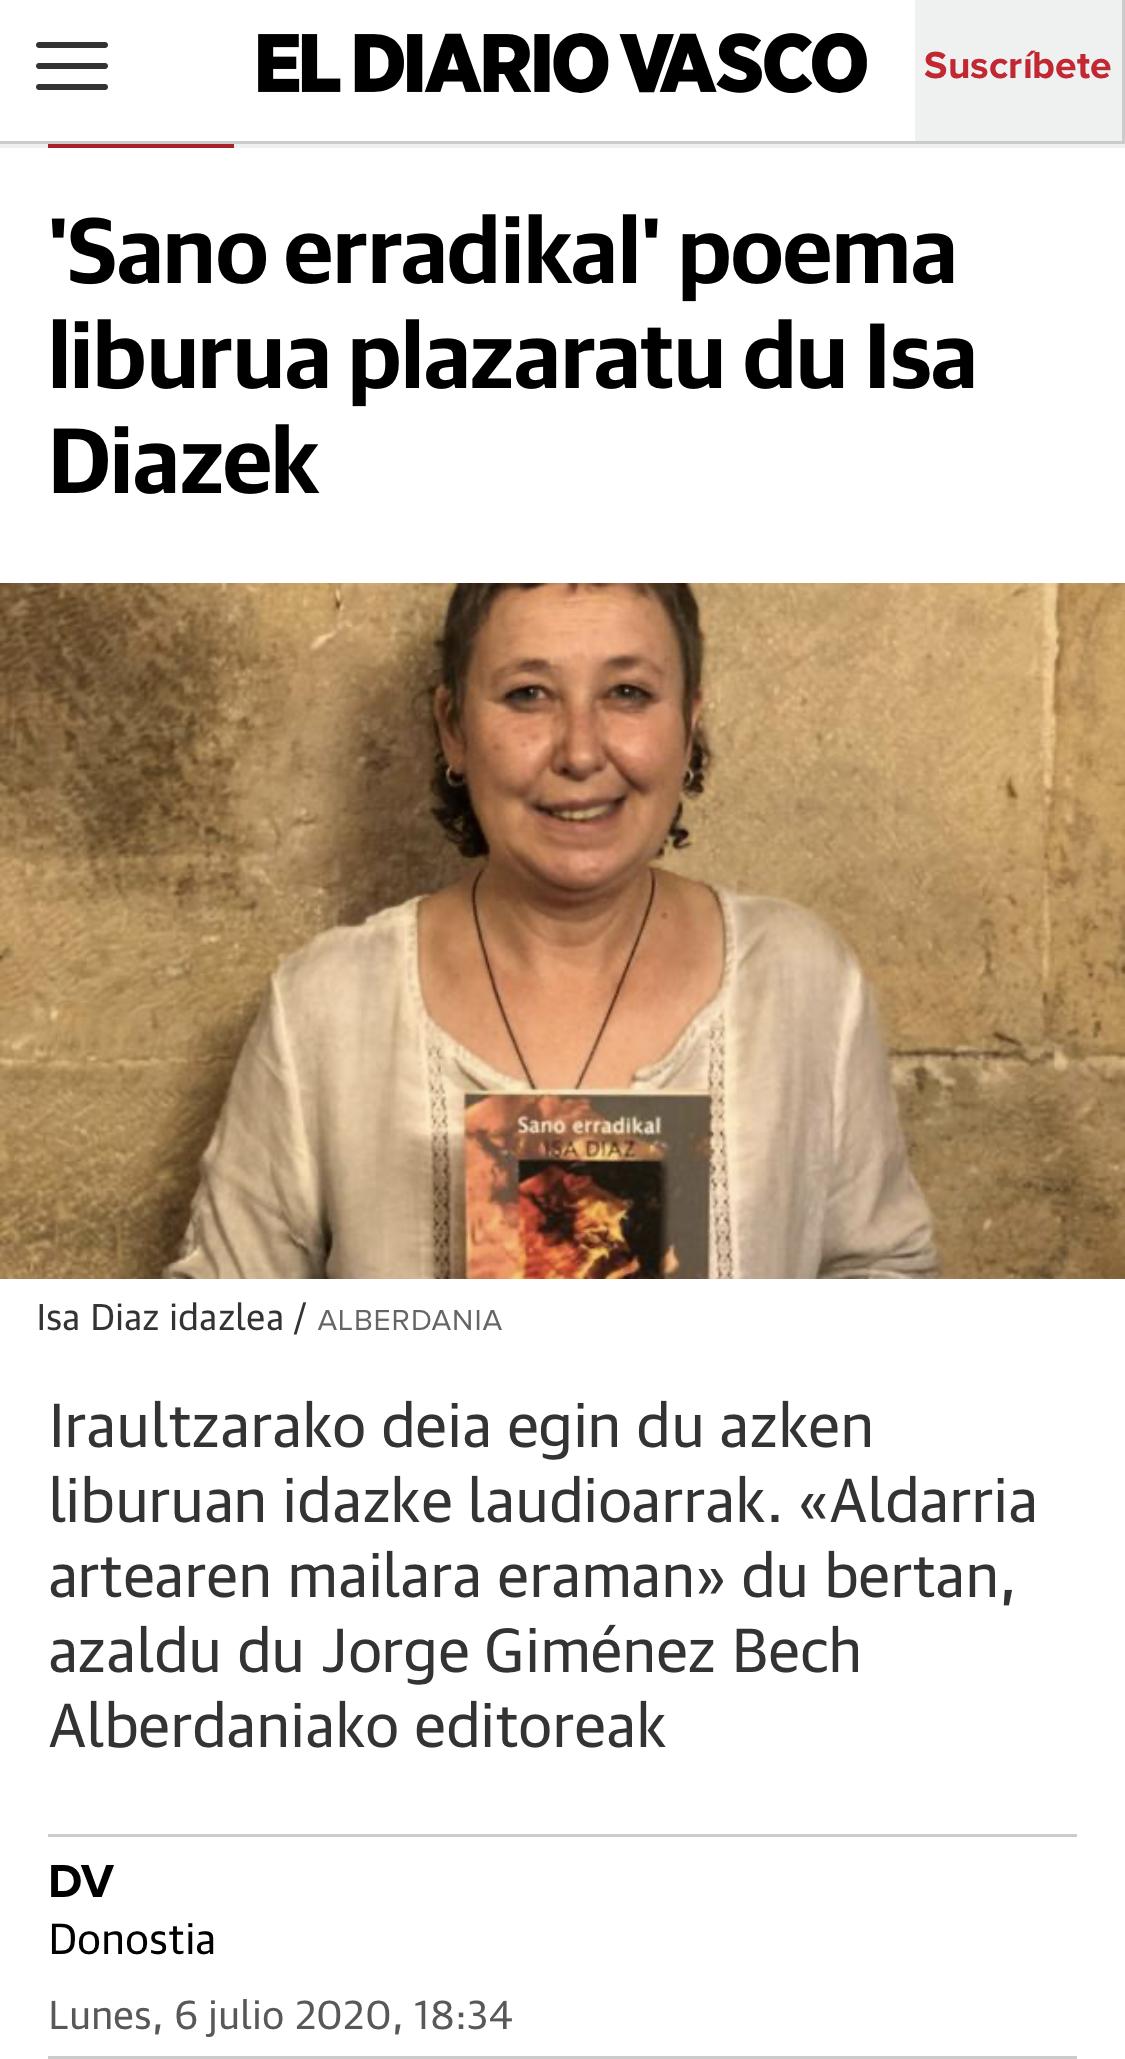 El Diario Vasco: 'Sano erradikal' poema liburua plazaratu du Isa Diazek